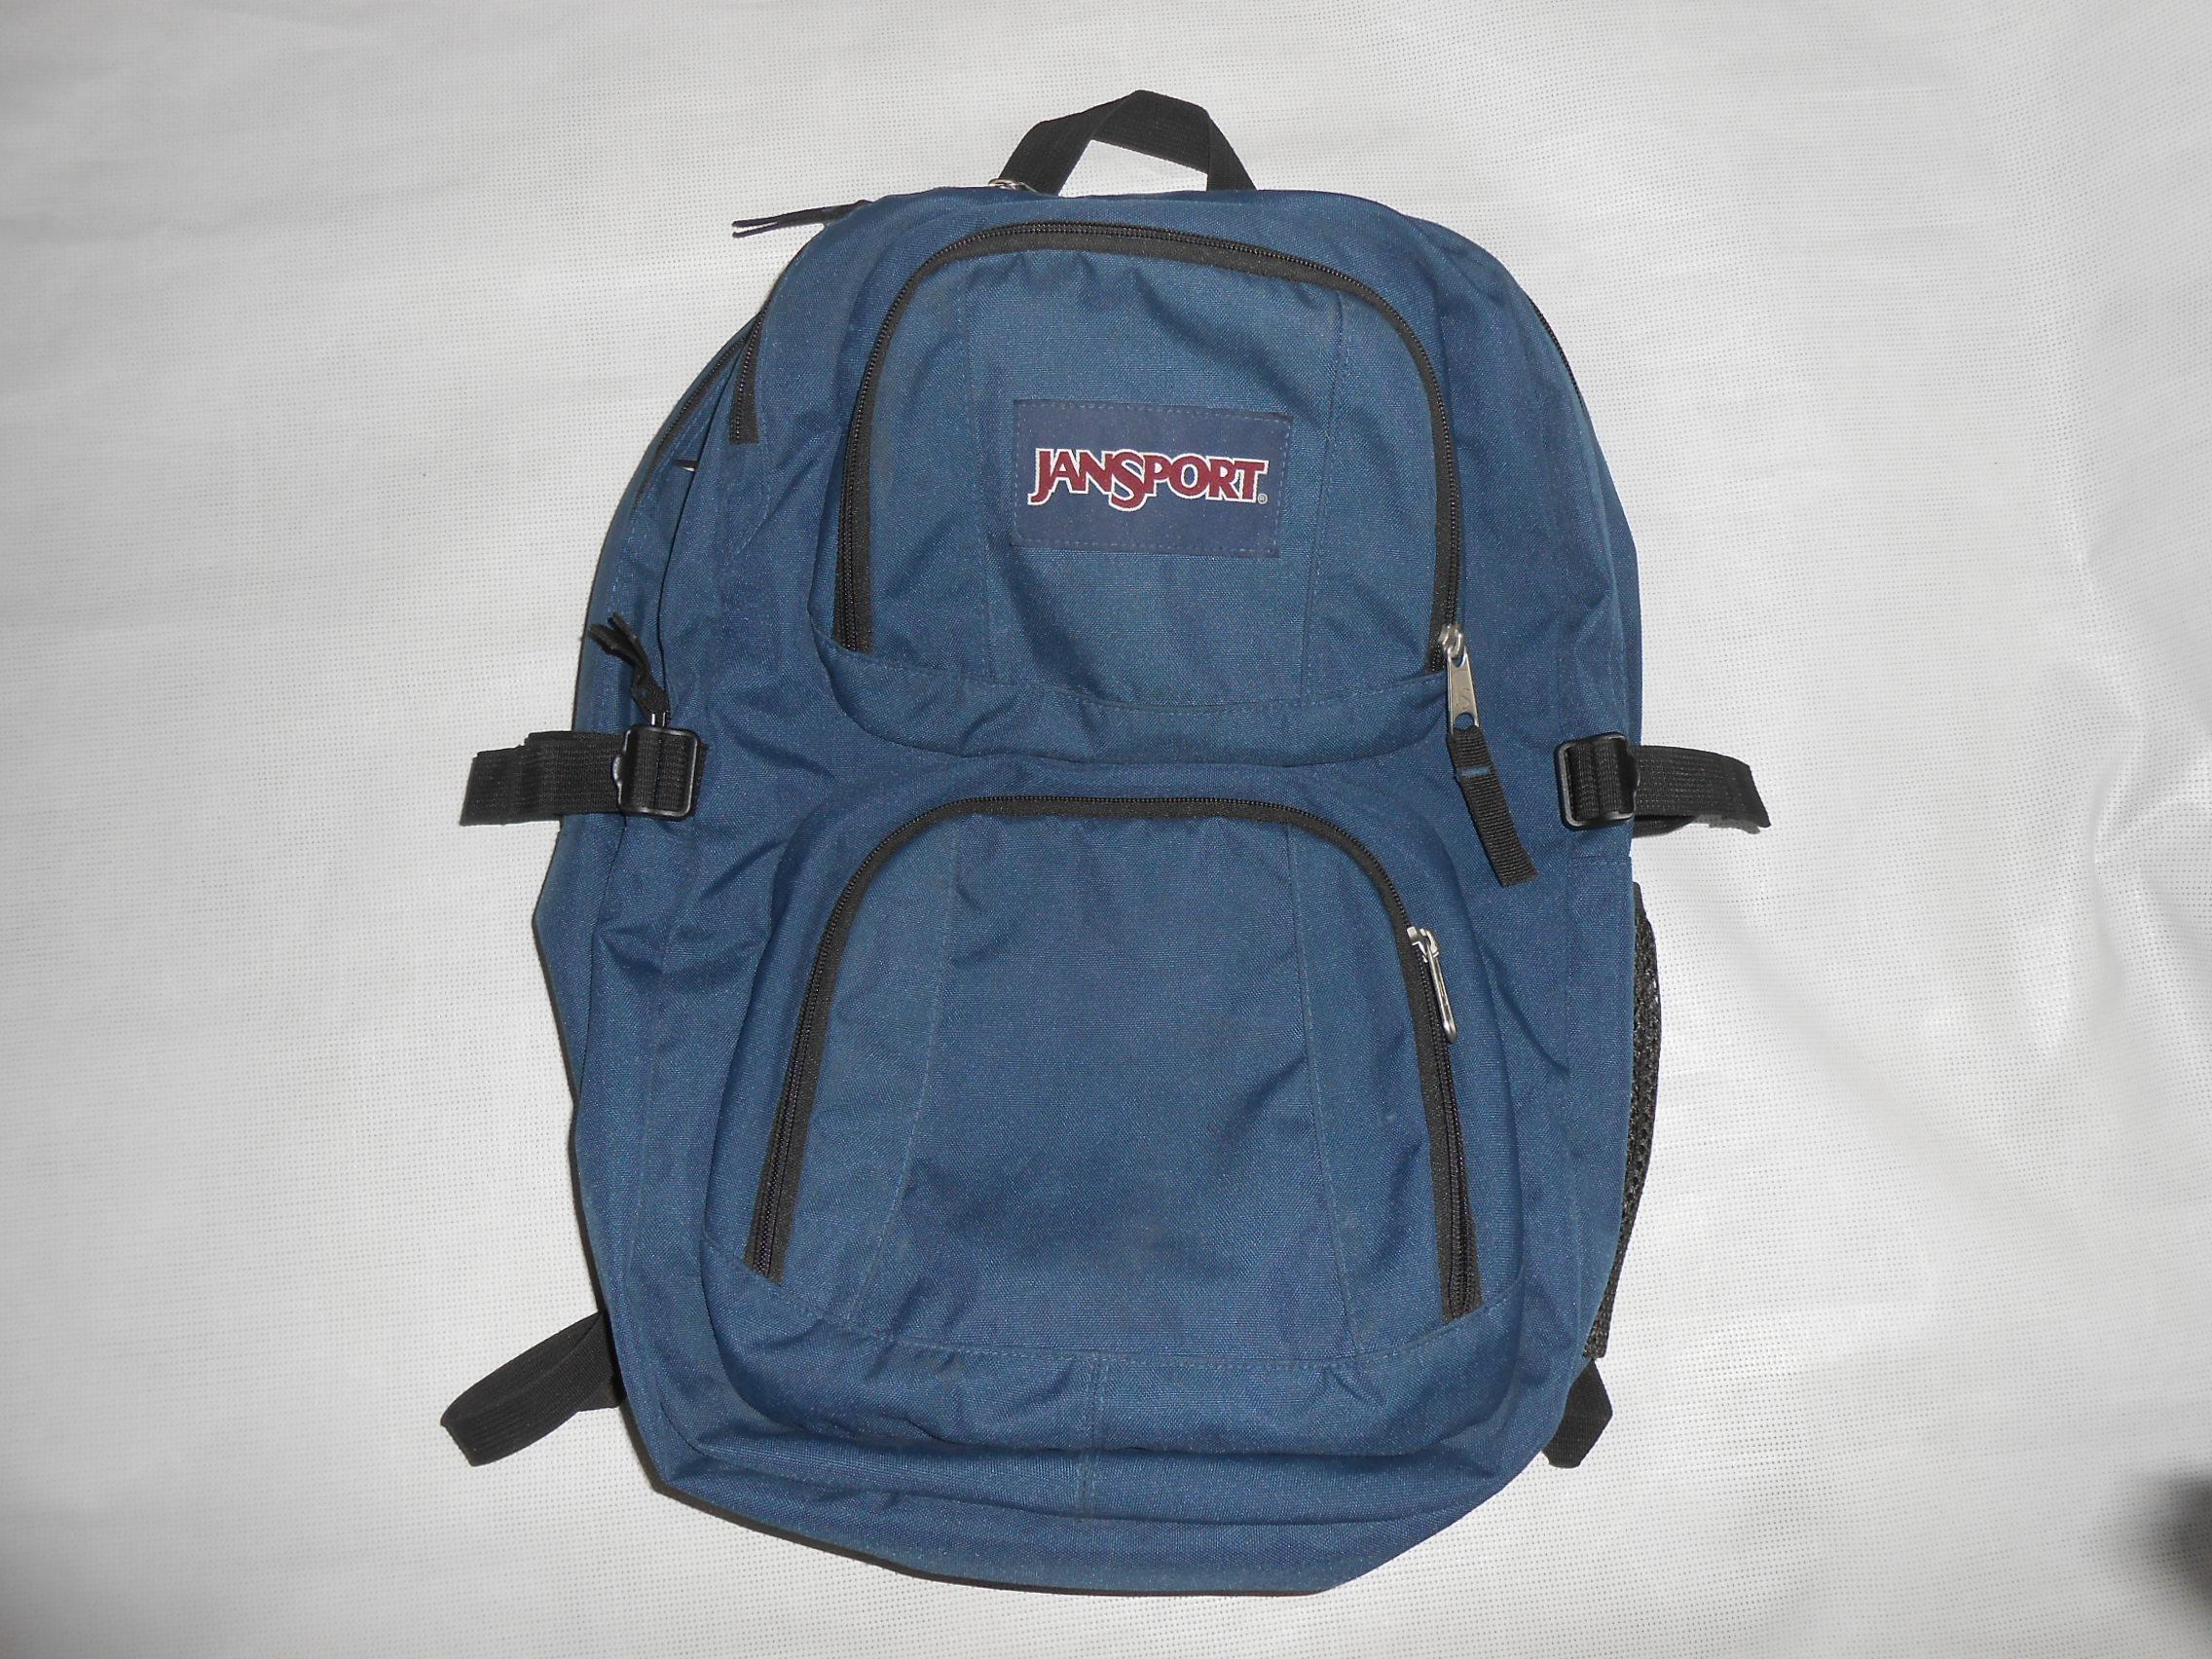 1ef4af9942452 plecak nike w kategorii Turystyka Jansport w Oficjalnym Archiwum Allegro -  archiwum ofert